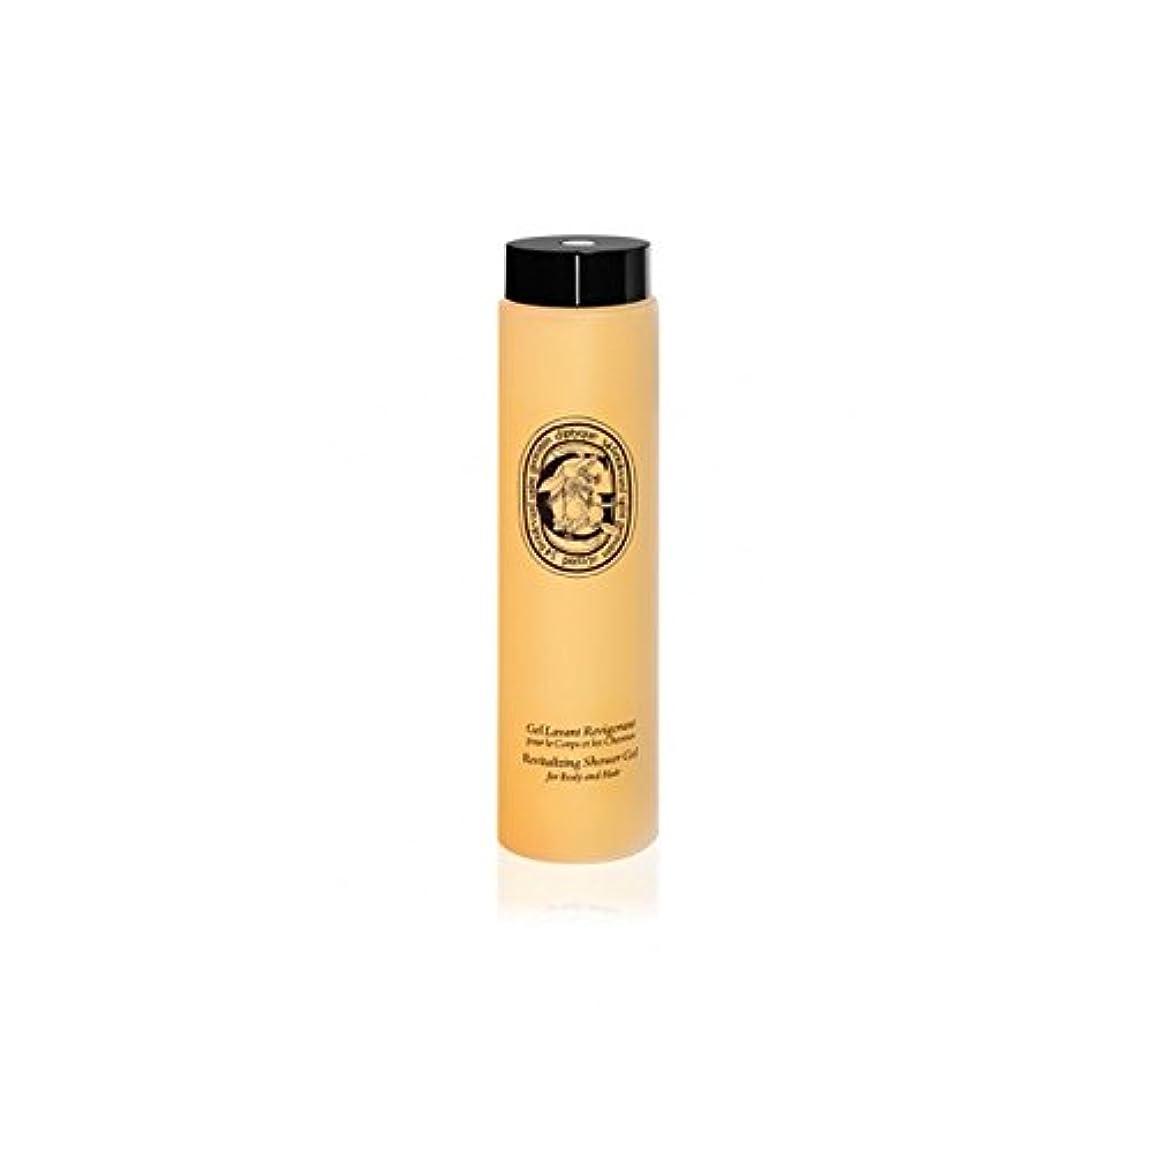 レザー欠員するだろうボディ、ヘア200ミリリットルのためDiptyqueのリバイタライジングシャワージェル - Diptyque Revitalizing Shower Gel For Body And Hair 200ml (Diptyque) [並行輸入品]